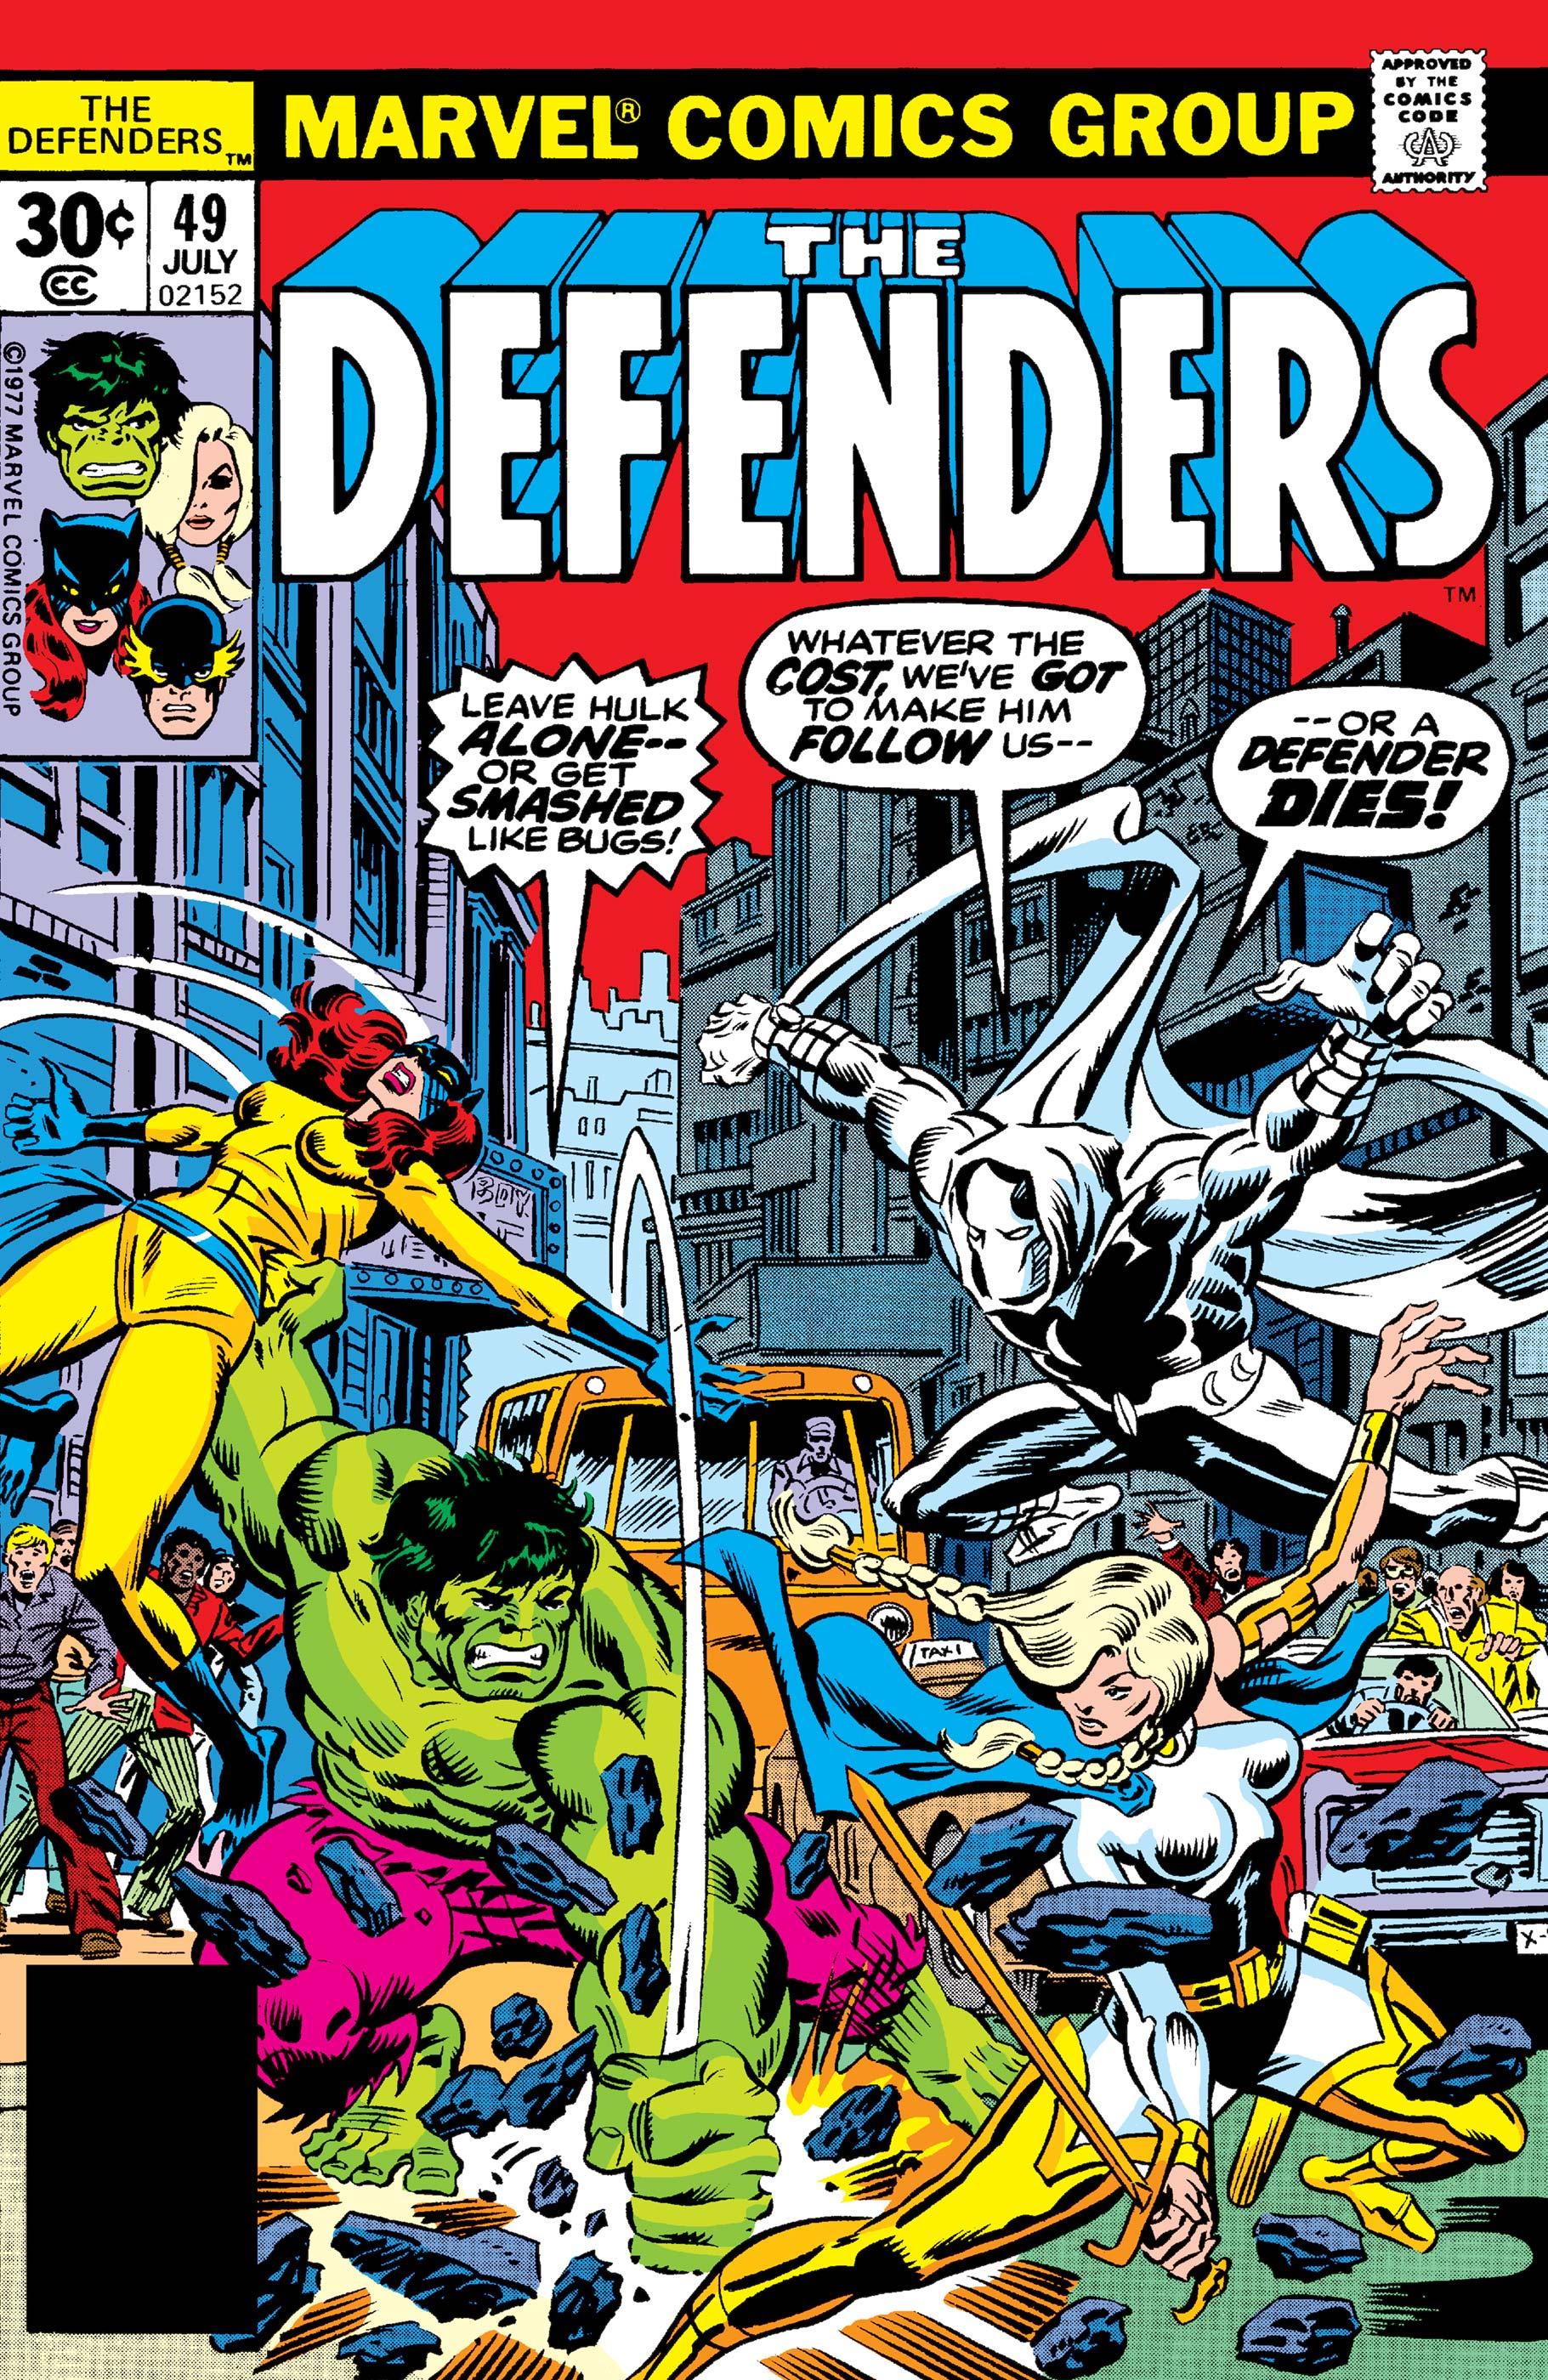 Defenders (1972) #49